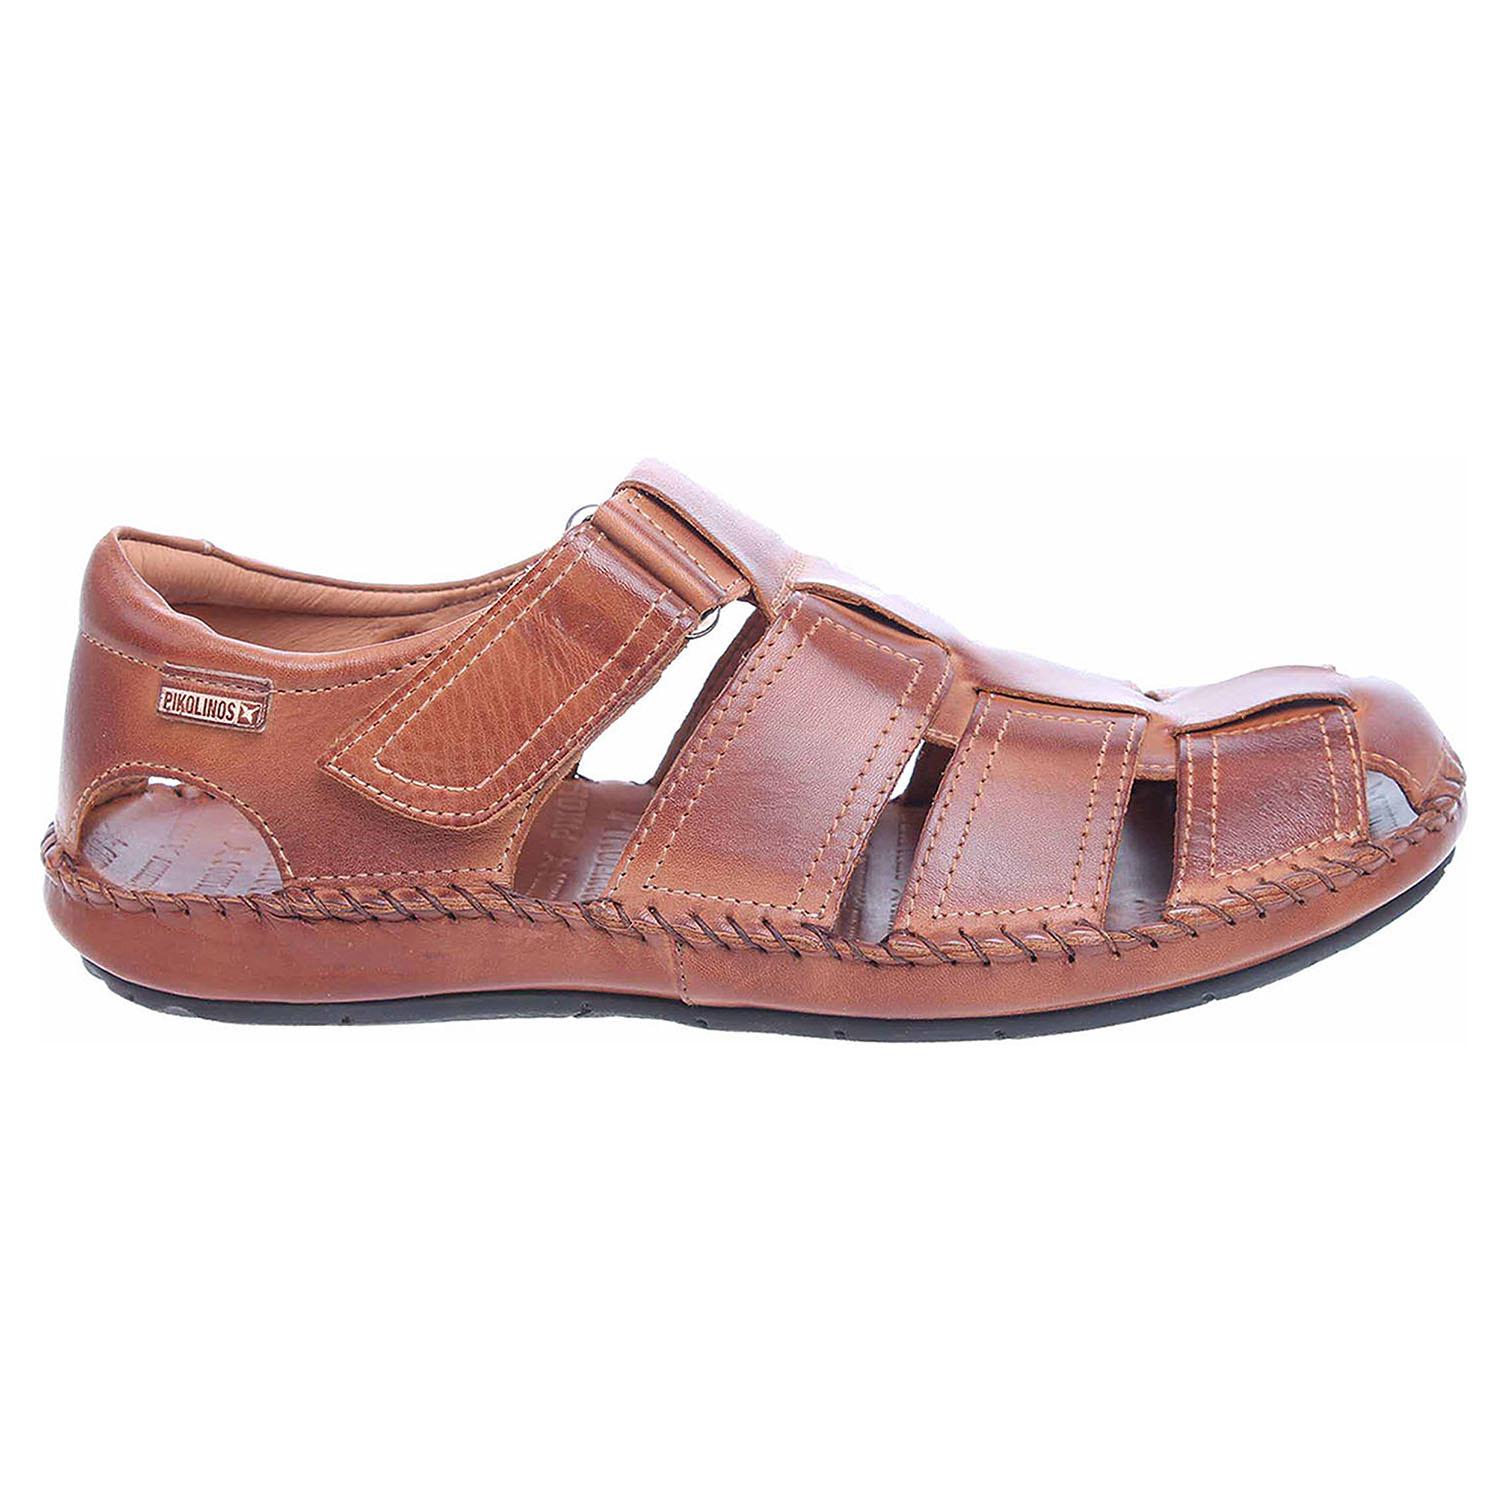 Pikolinos sandály pánské 06J-5433 hnědé 06J-5433 45